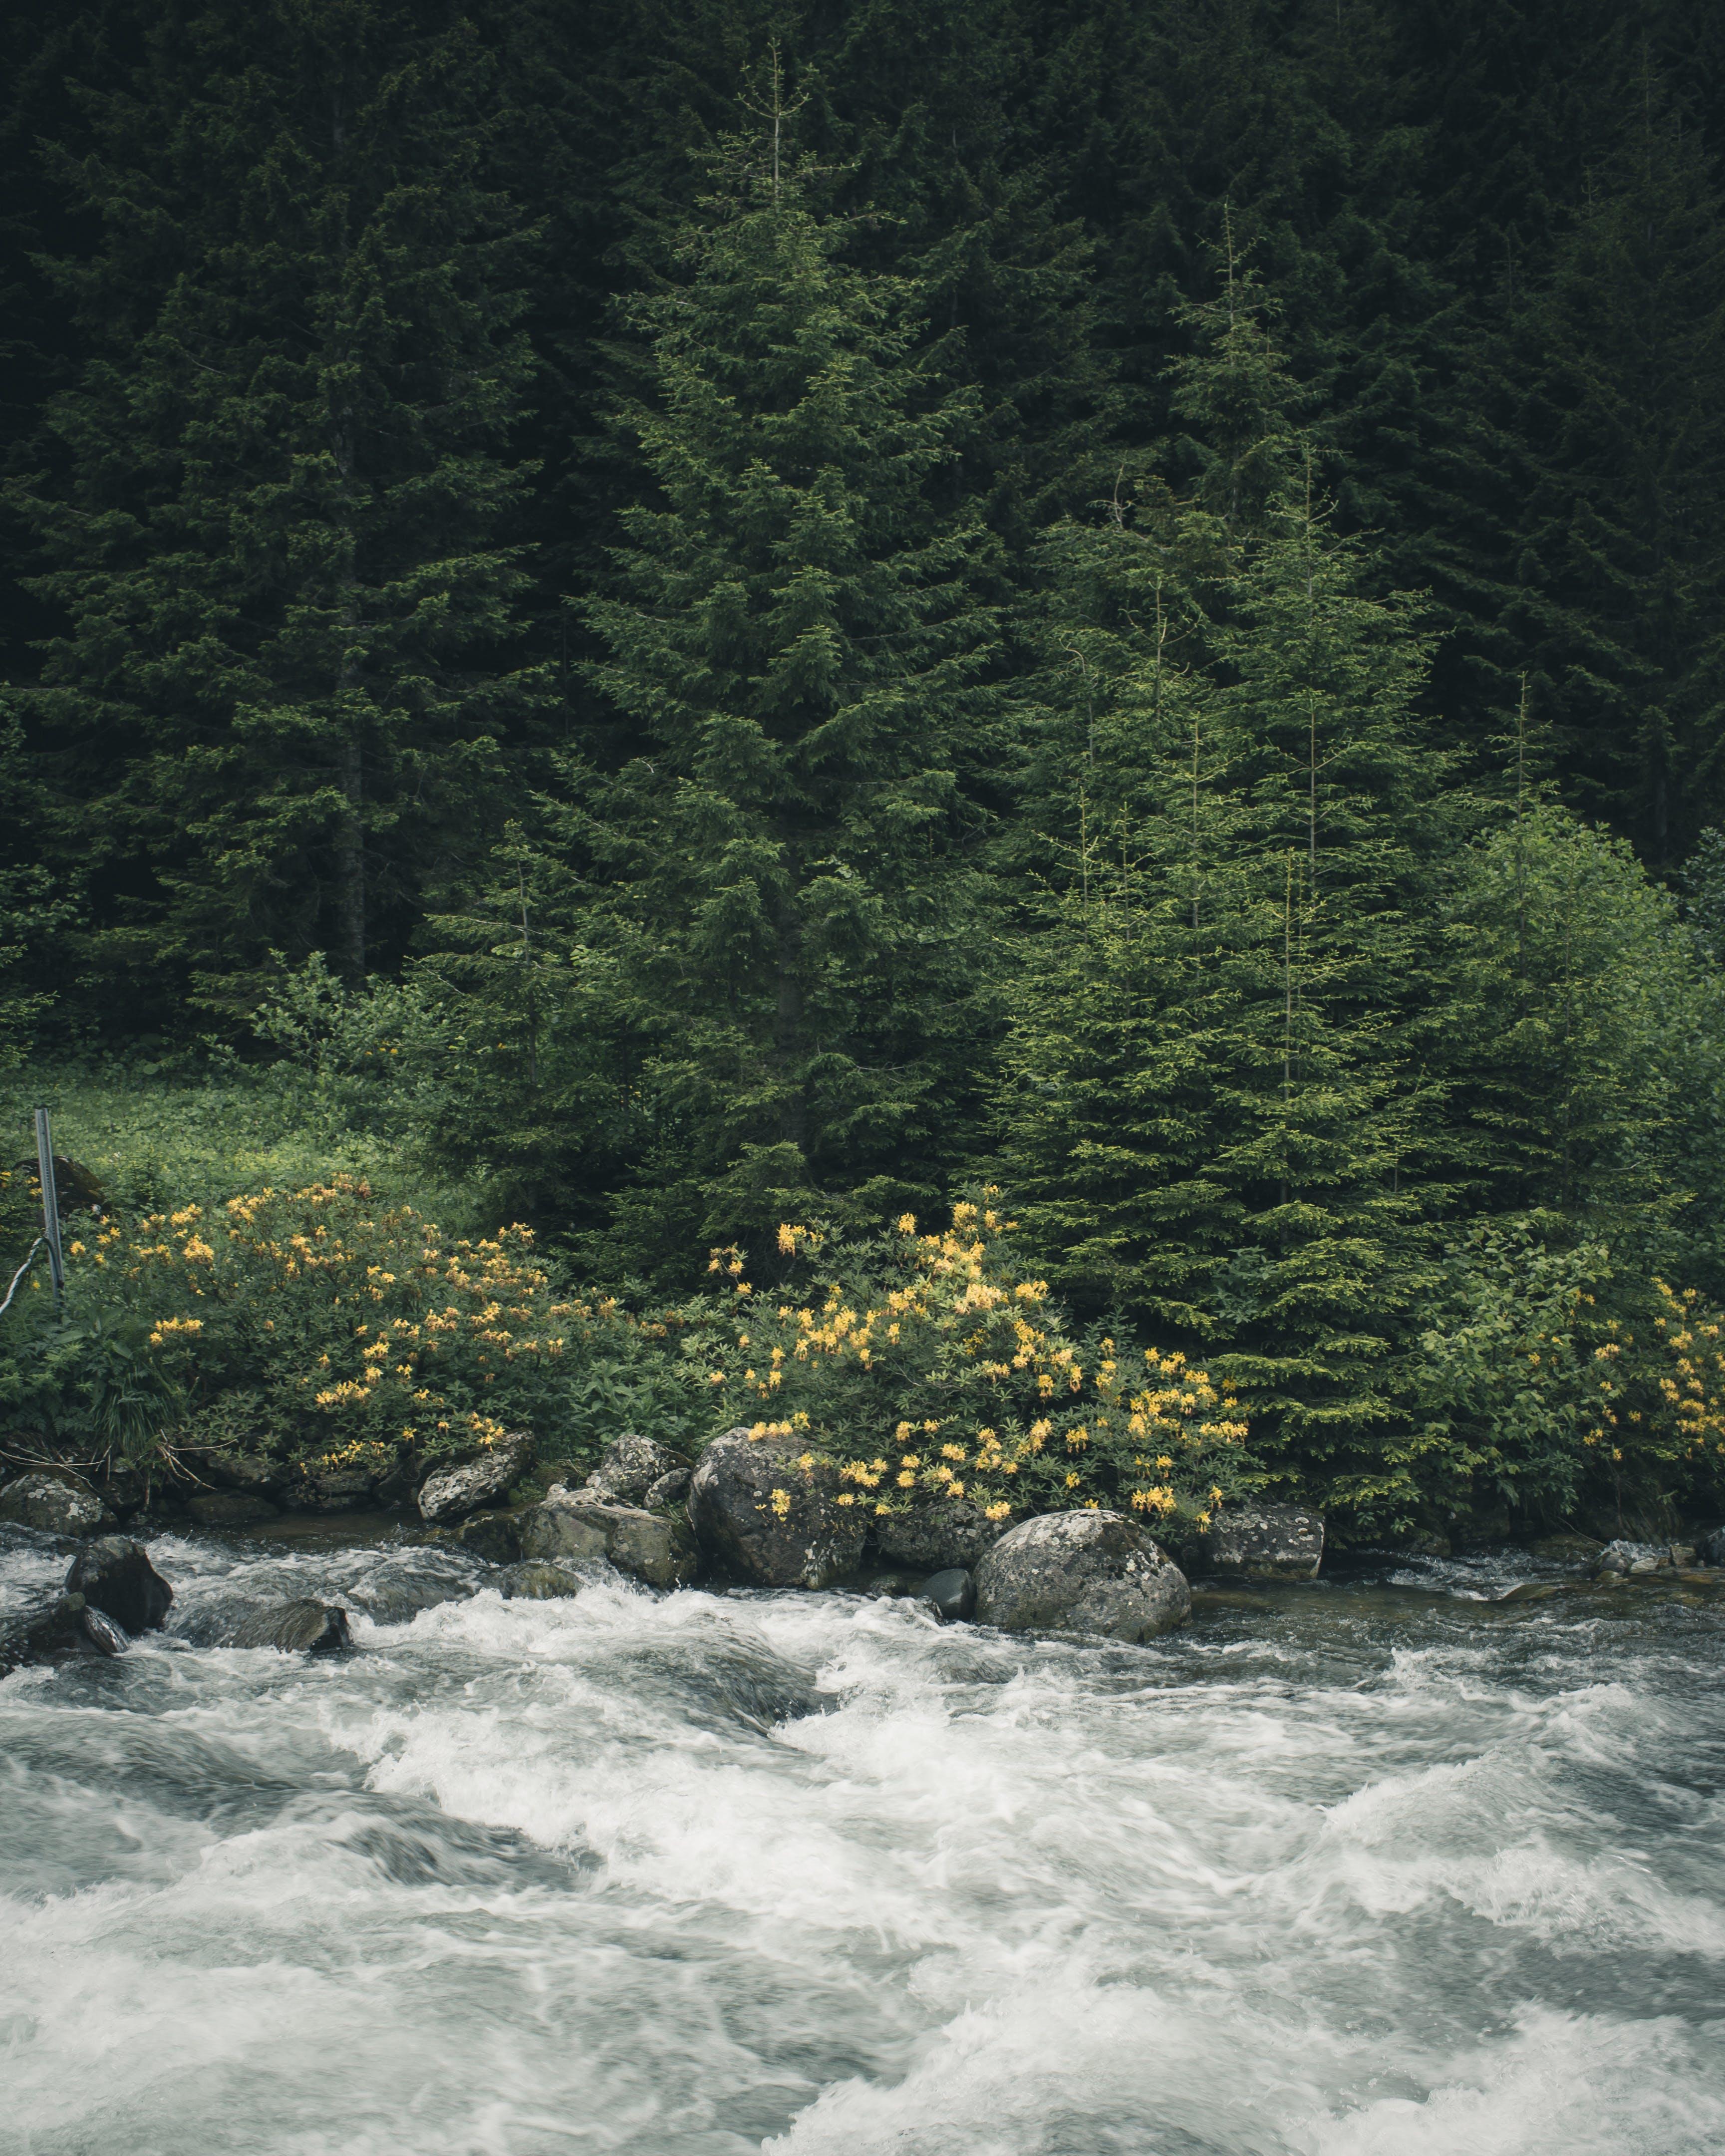 Δωρεάν στοκ φωτογραφιών με γραφικός, δασικός, δέντρα, ξύλα